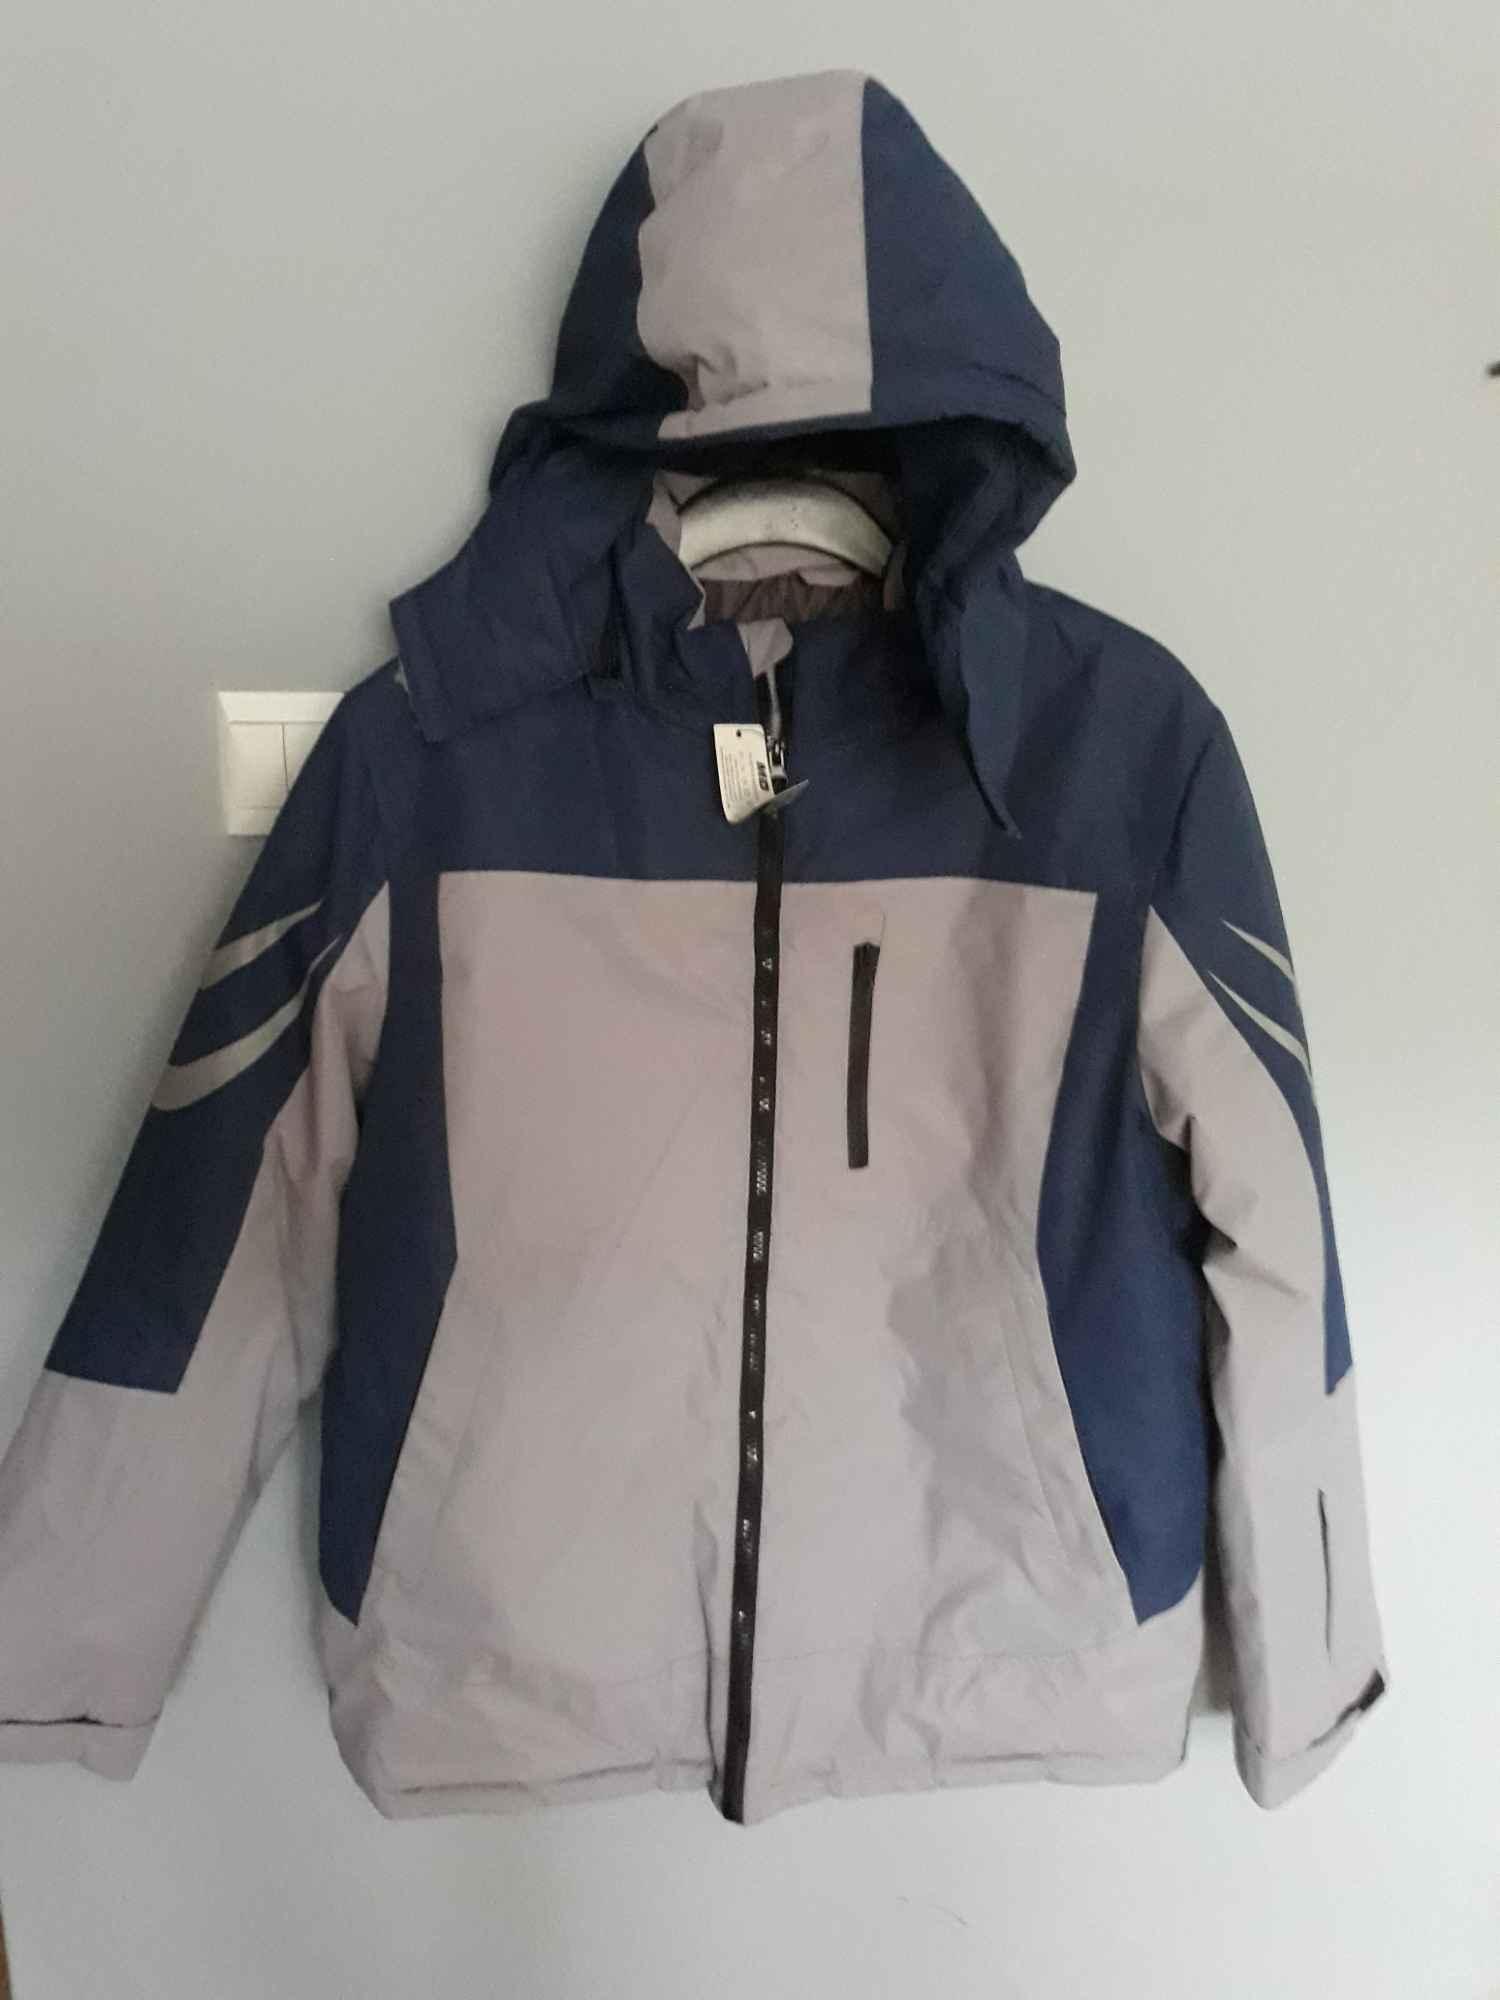 Sprzedam kurtki nowe Siemiatycze - zdjęcie 1